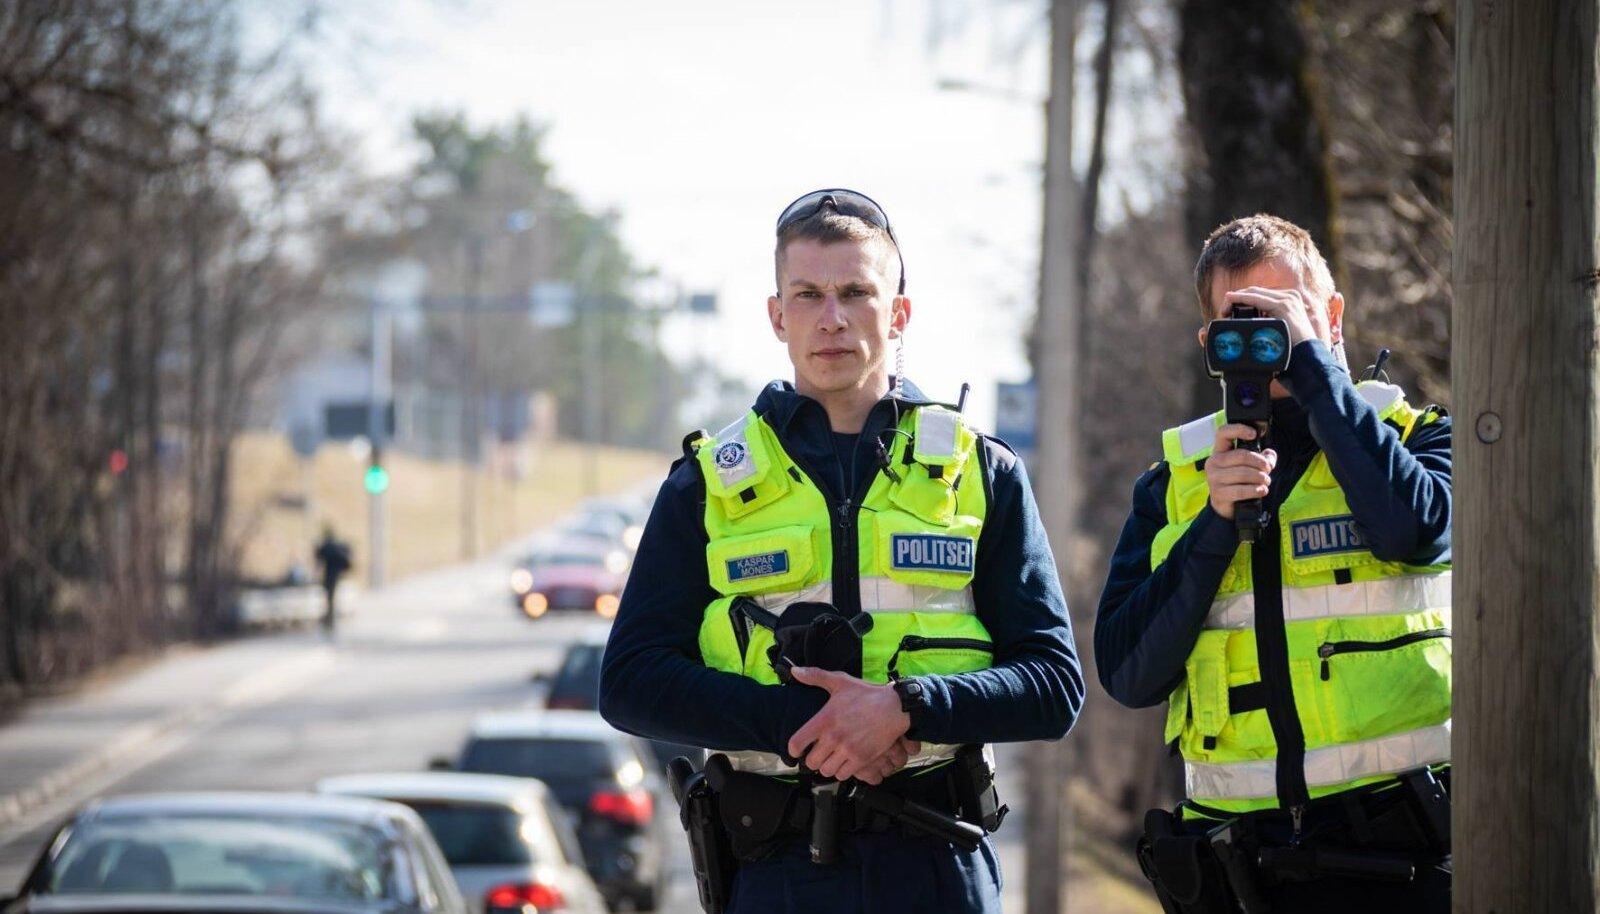 Põhja Prefektuuri politseinikud kiirust mõõtmas